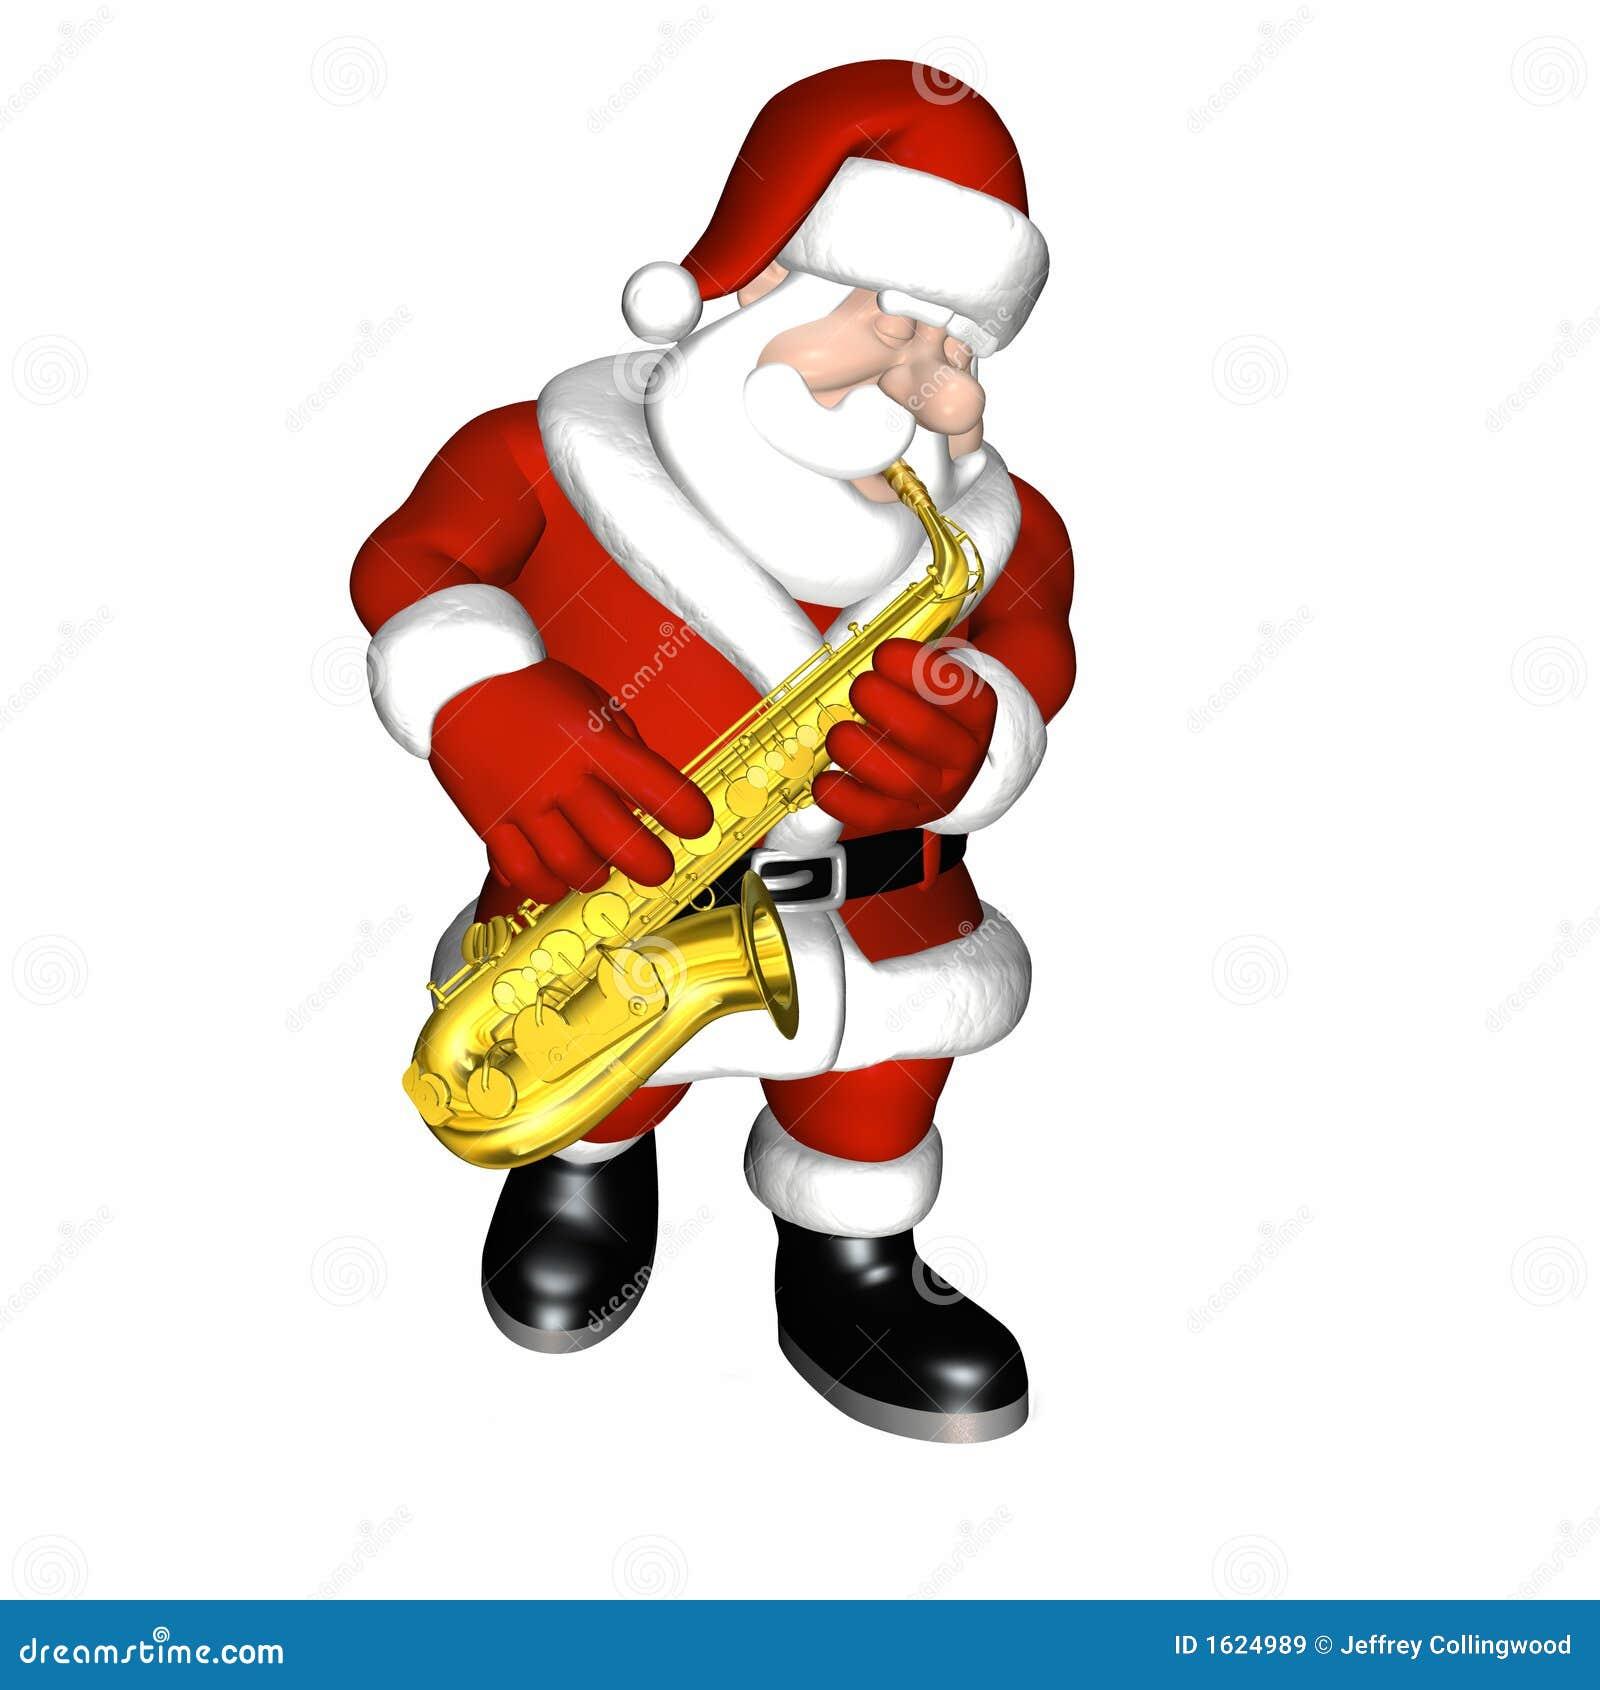 Jazz Christmas Cards